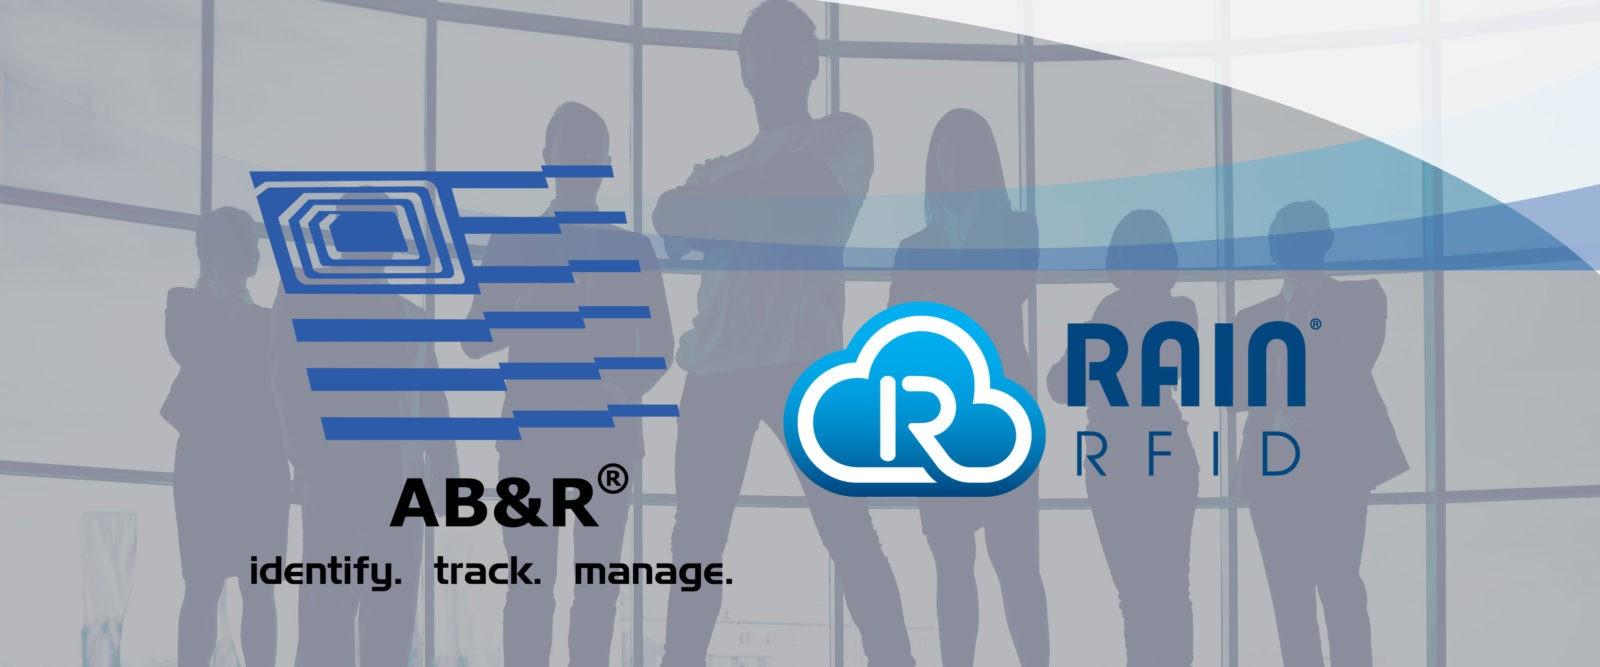 AB&R joins RAIN RFID alliance